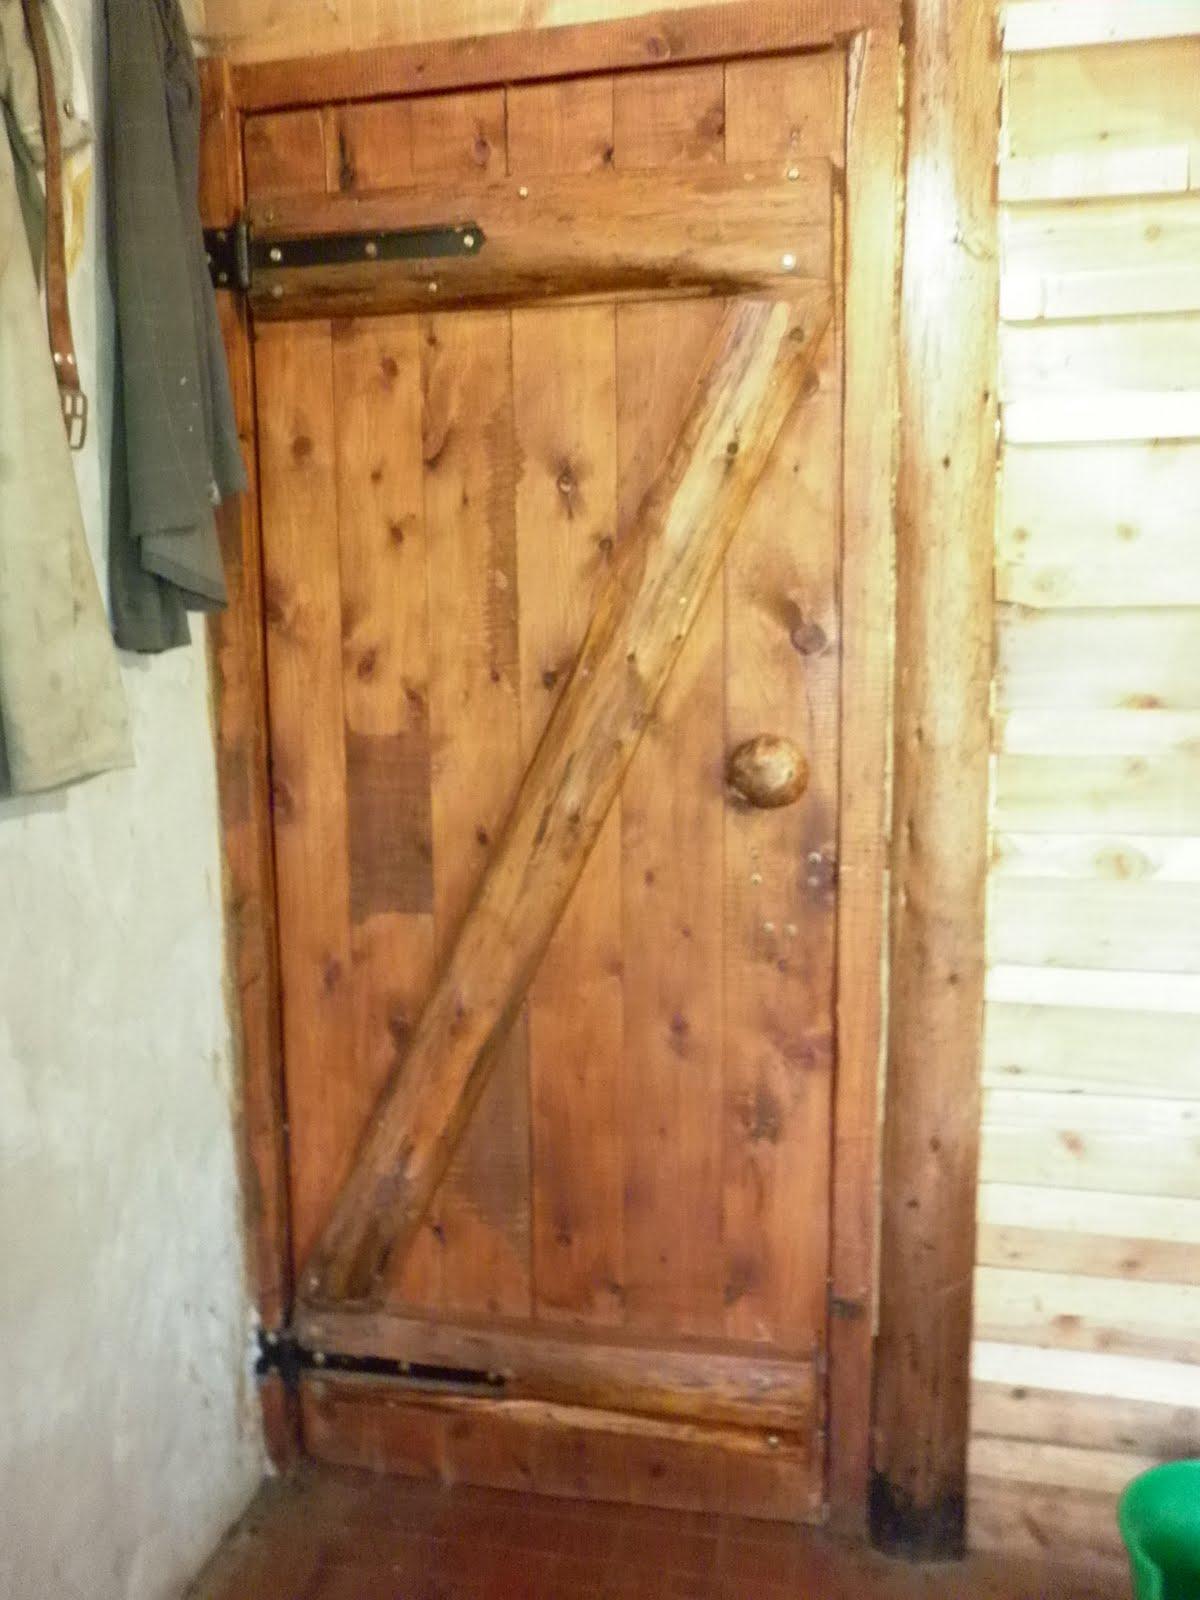 Rustico patagonico puertas for Puertas rusticas de interior baratas